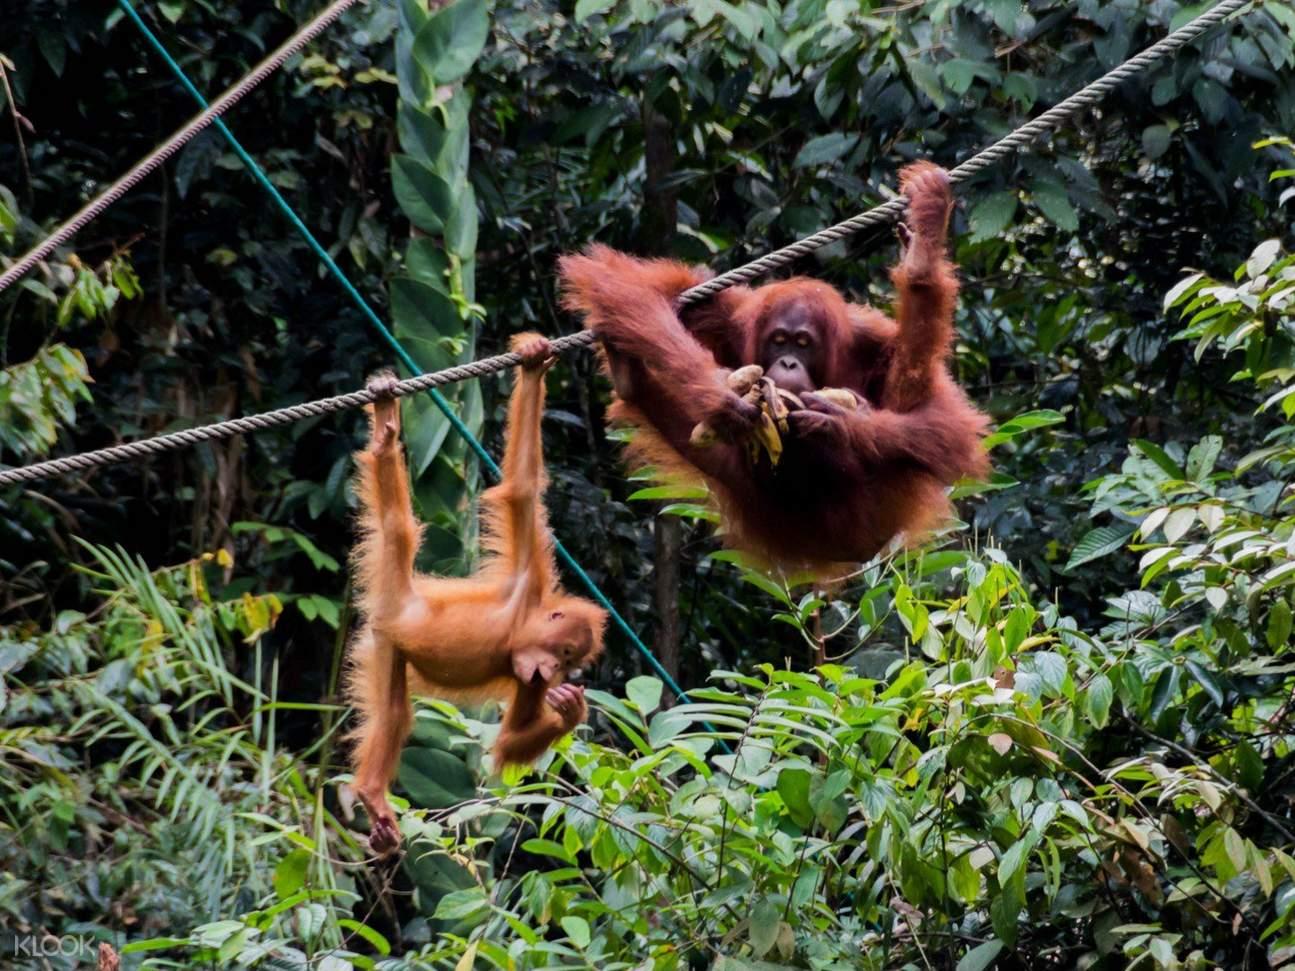 orangutans hanging on rope in sarawak semenggoh wildlife centre